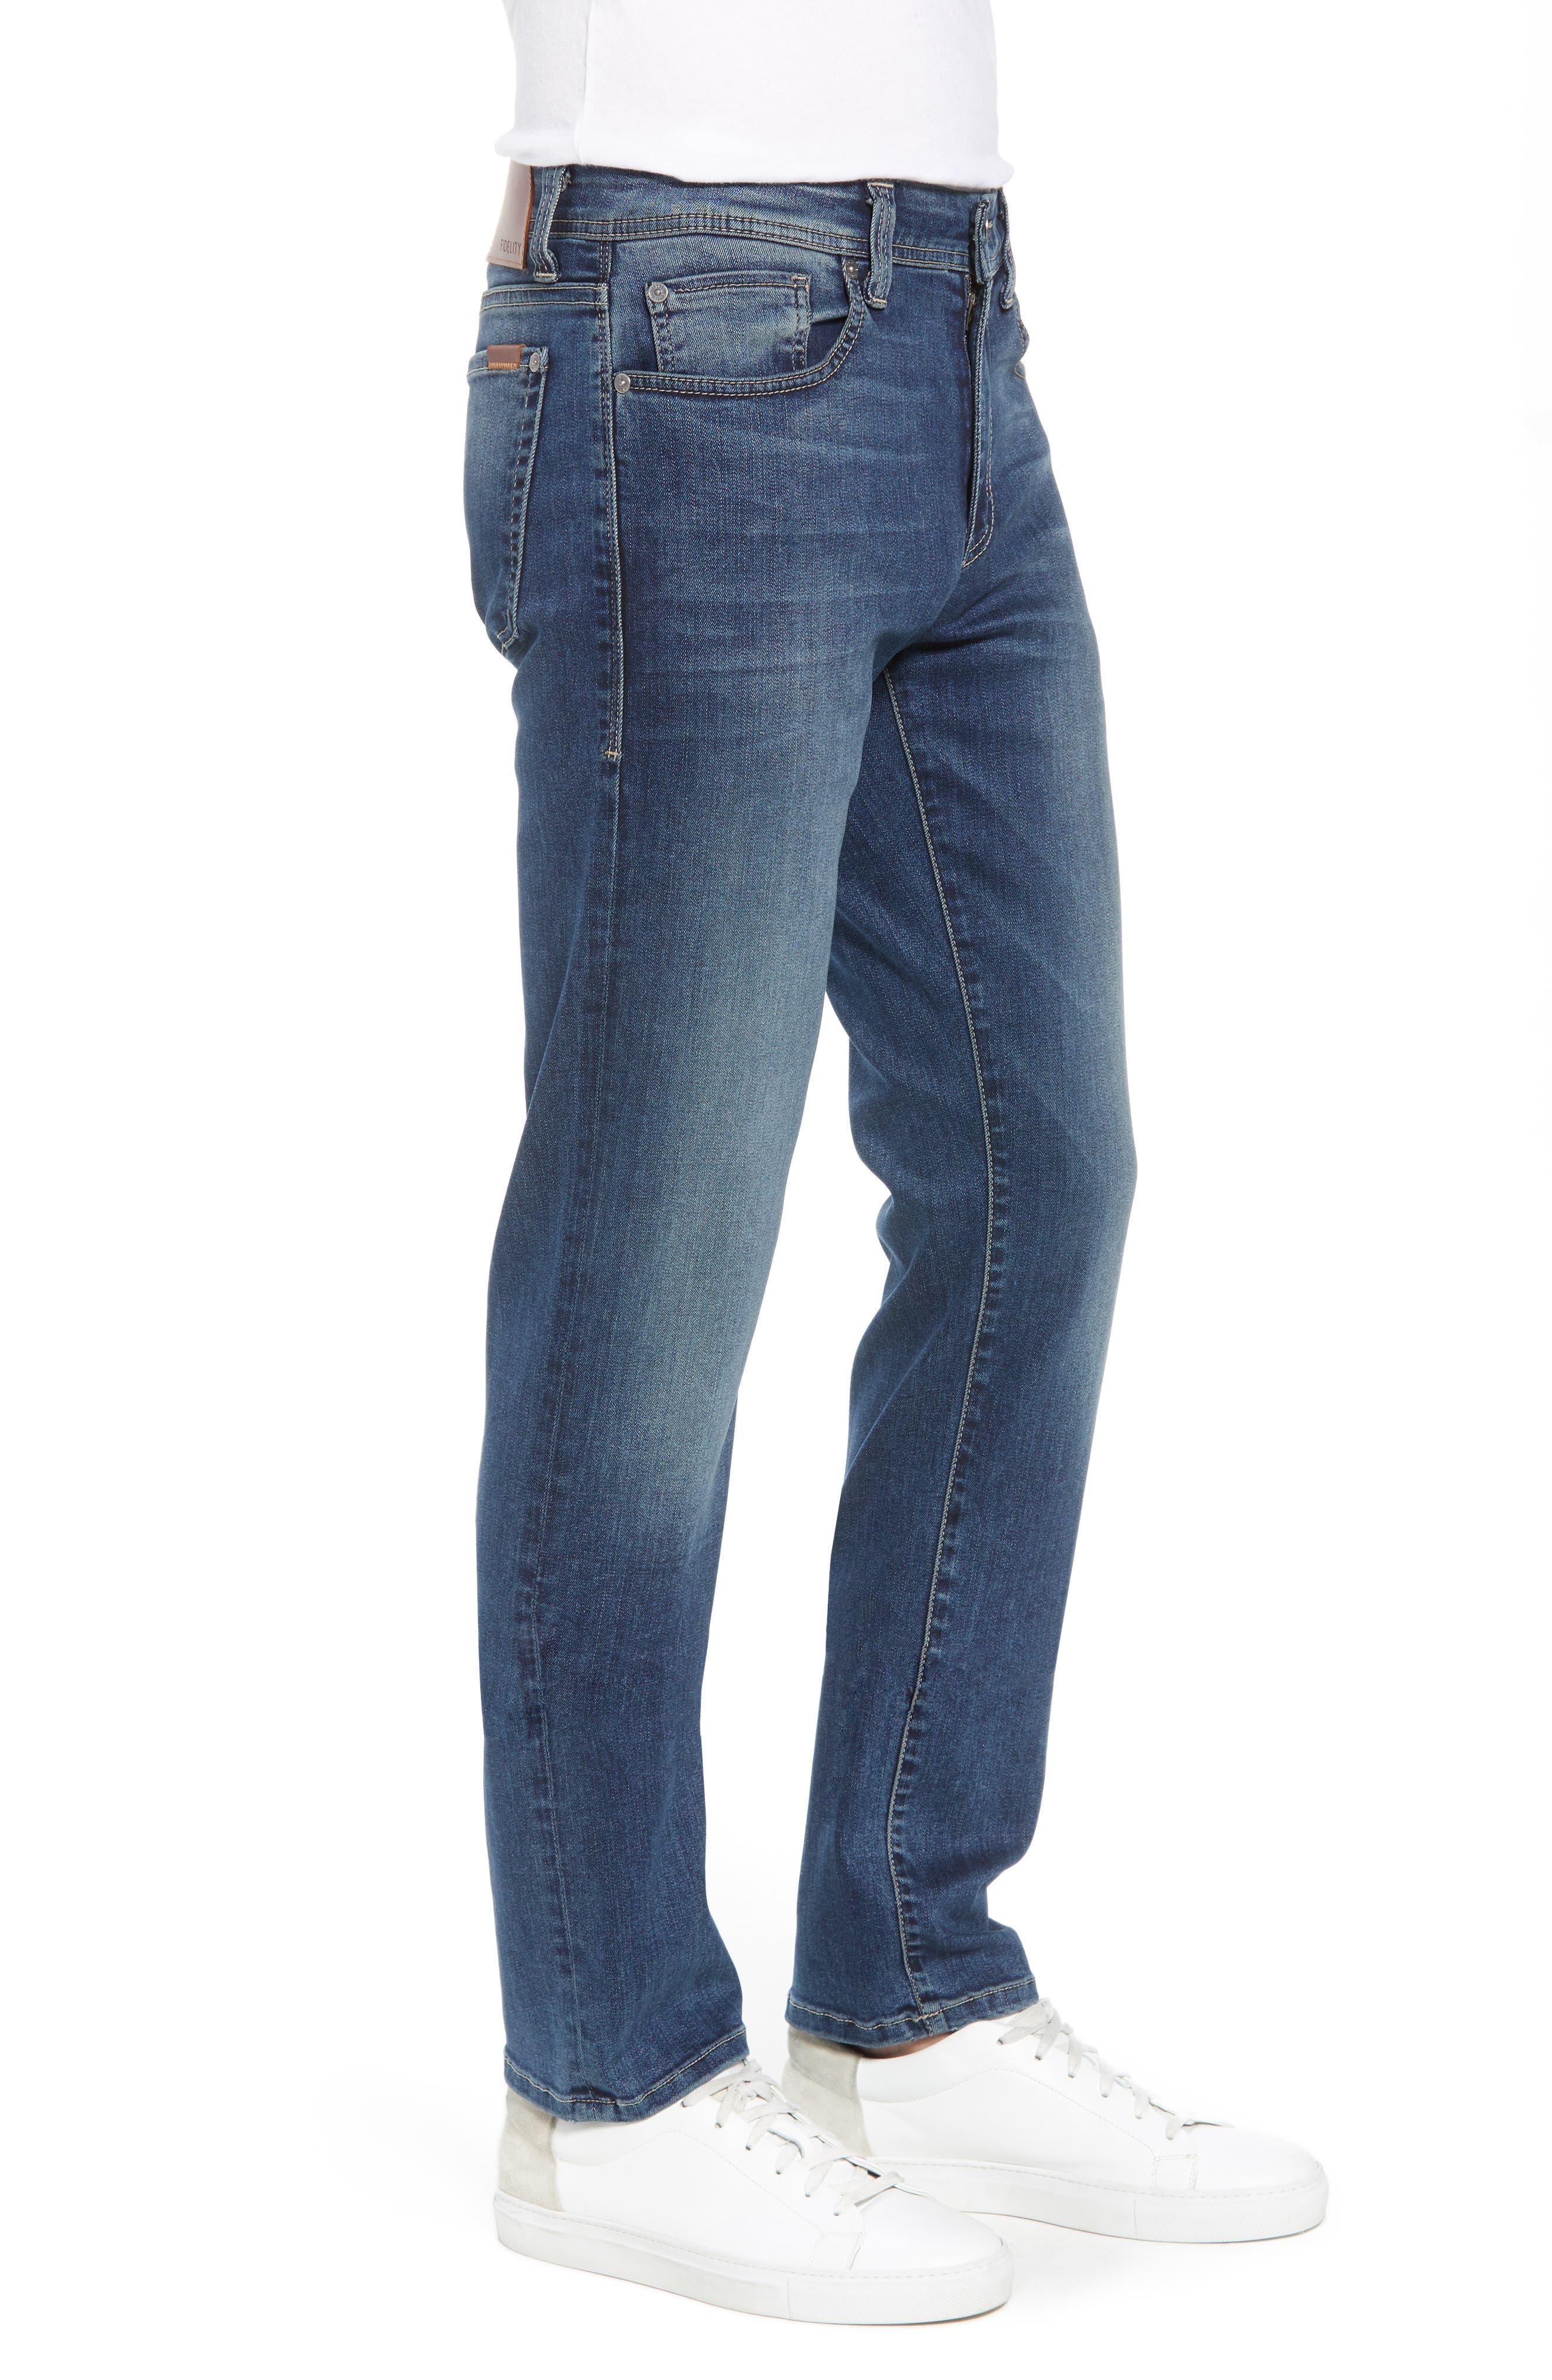 Jimmy Slim Straight Leg Jeans,                             Alternate thumbnail 3, color,                             Satori Blue